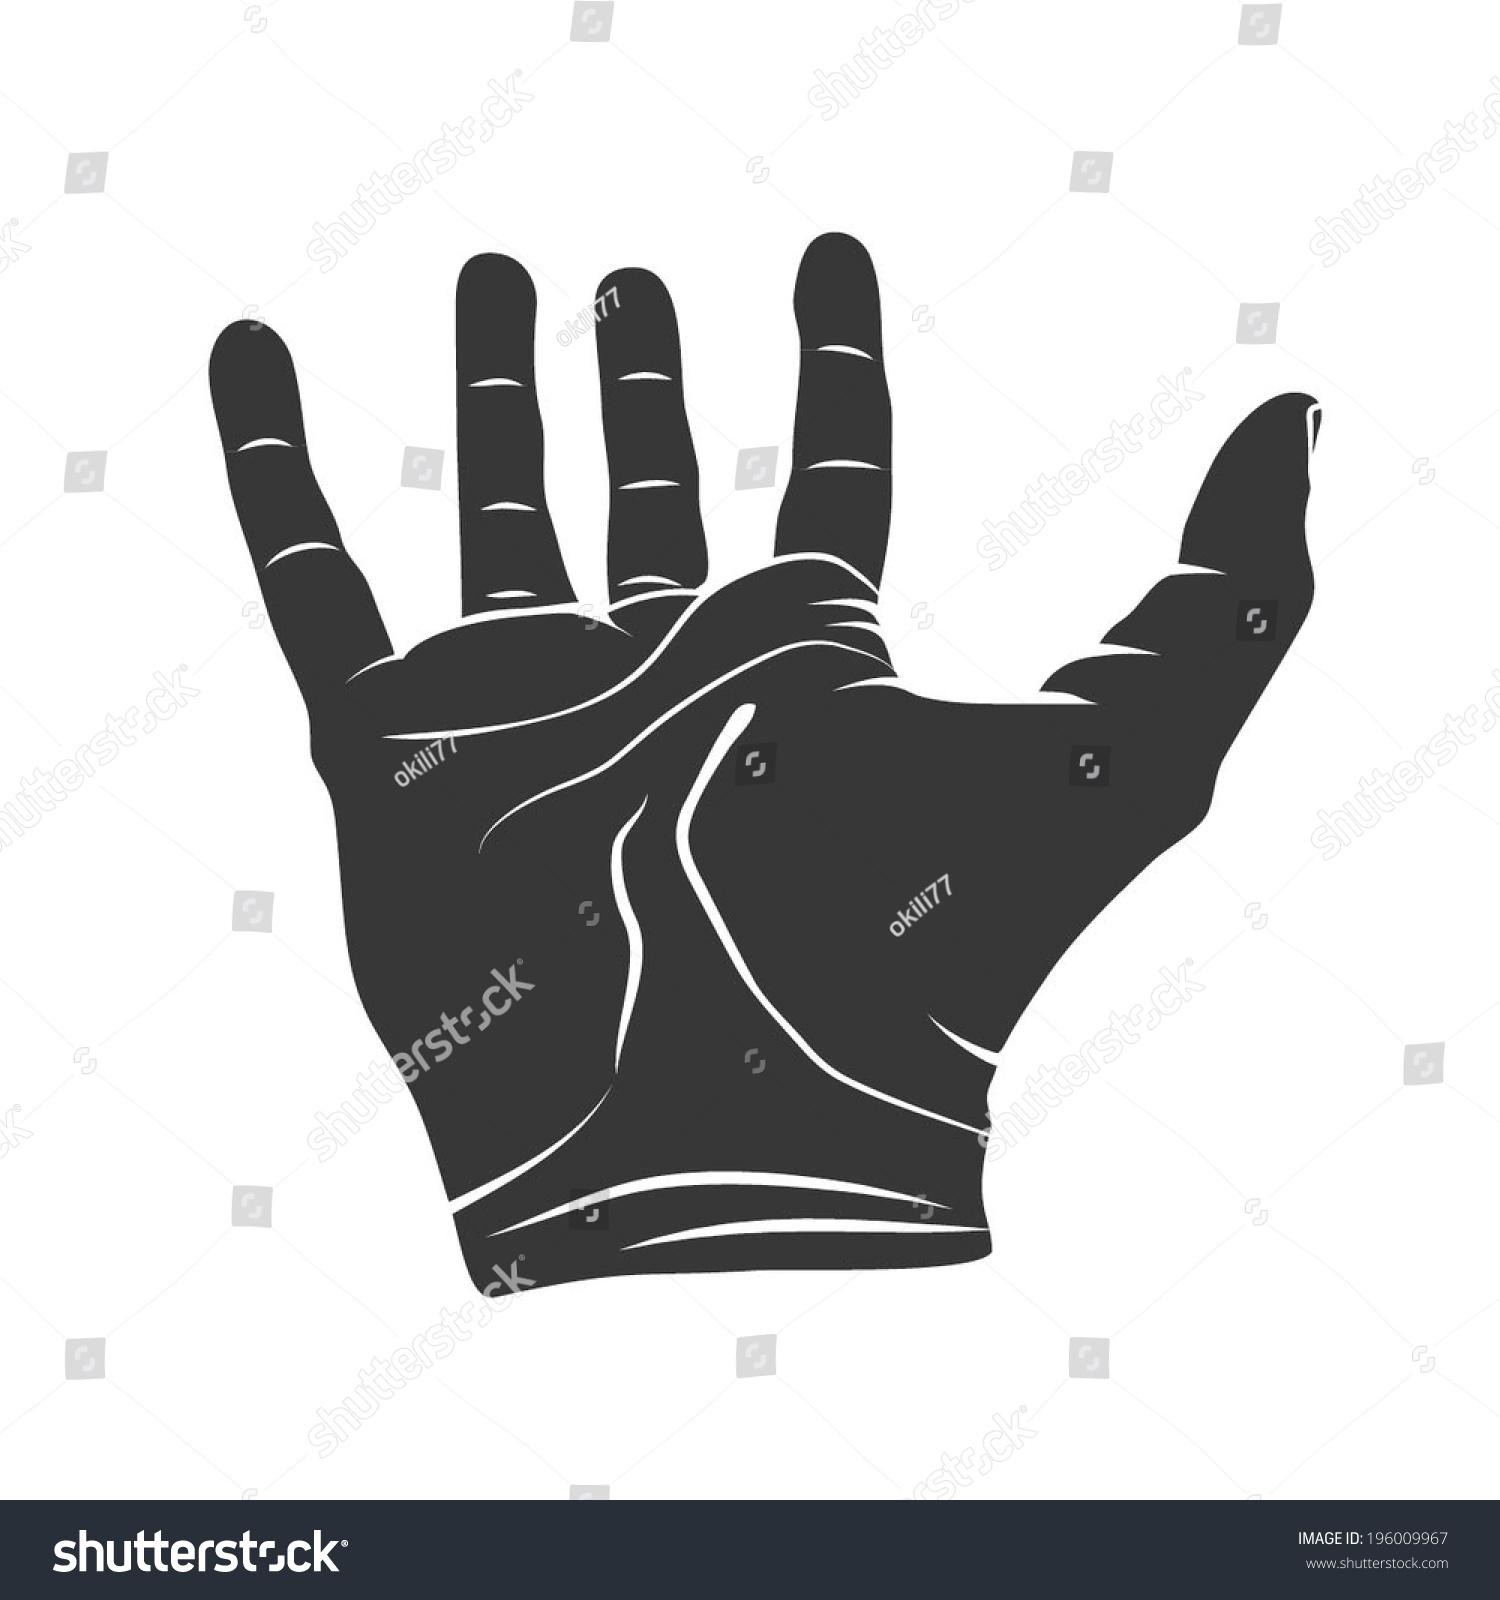 Open Hand Silhouette Vector Stock Vector 196009967 ...